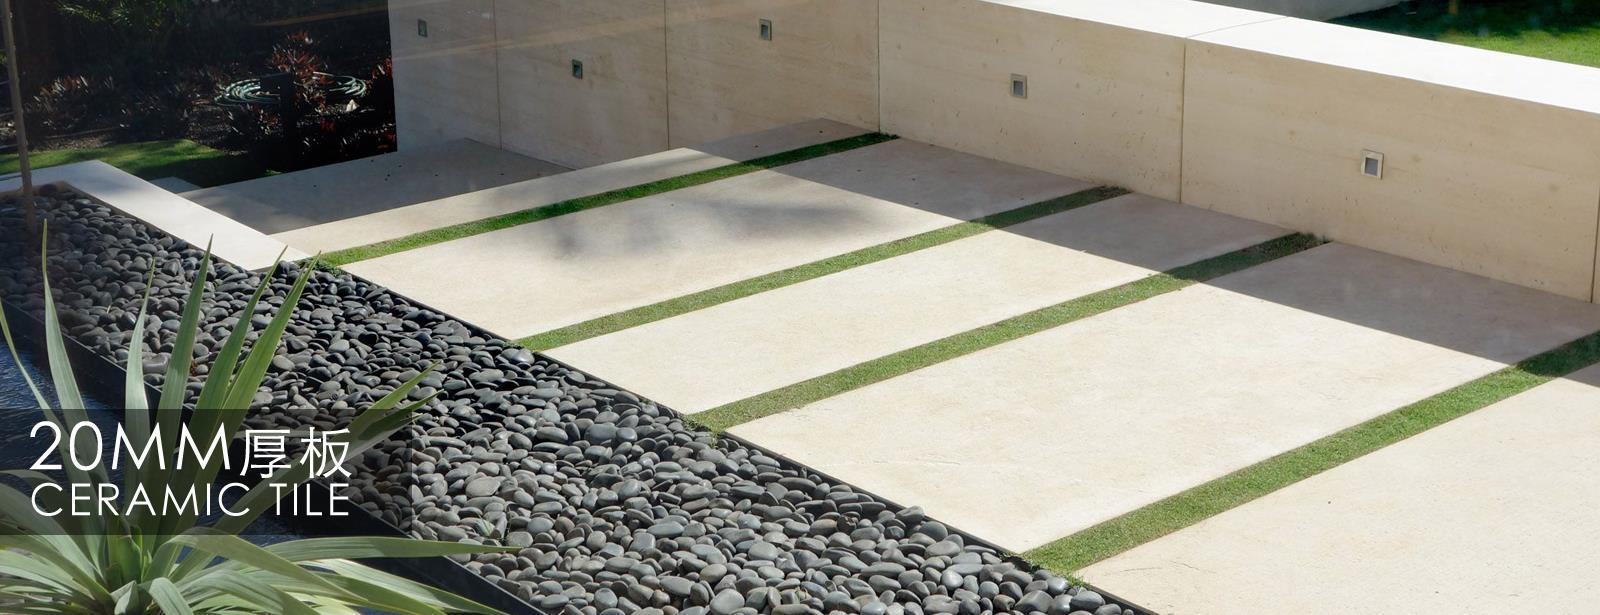 什么是悬空铺贴?户外地面如何铺贴瓷砖厚板?